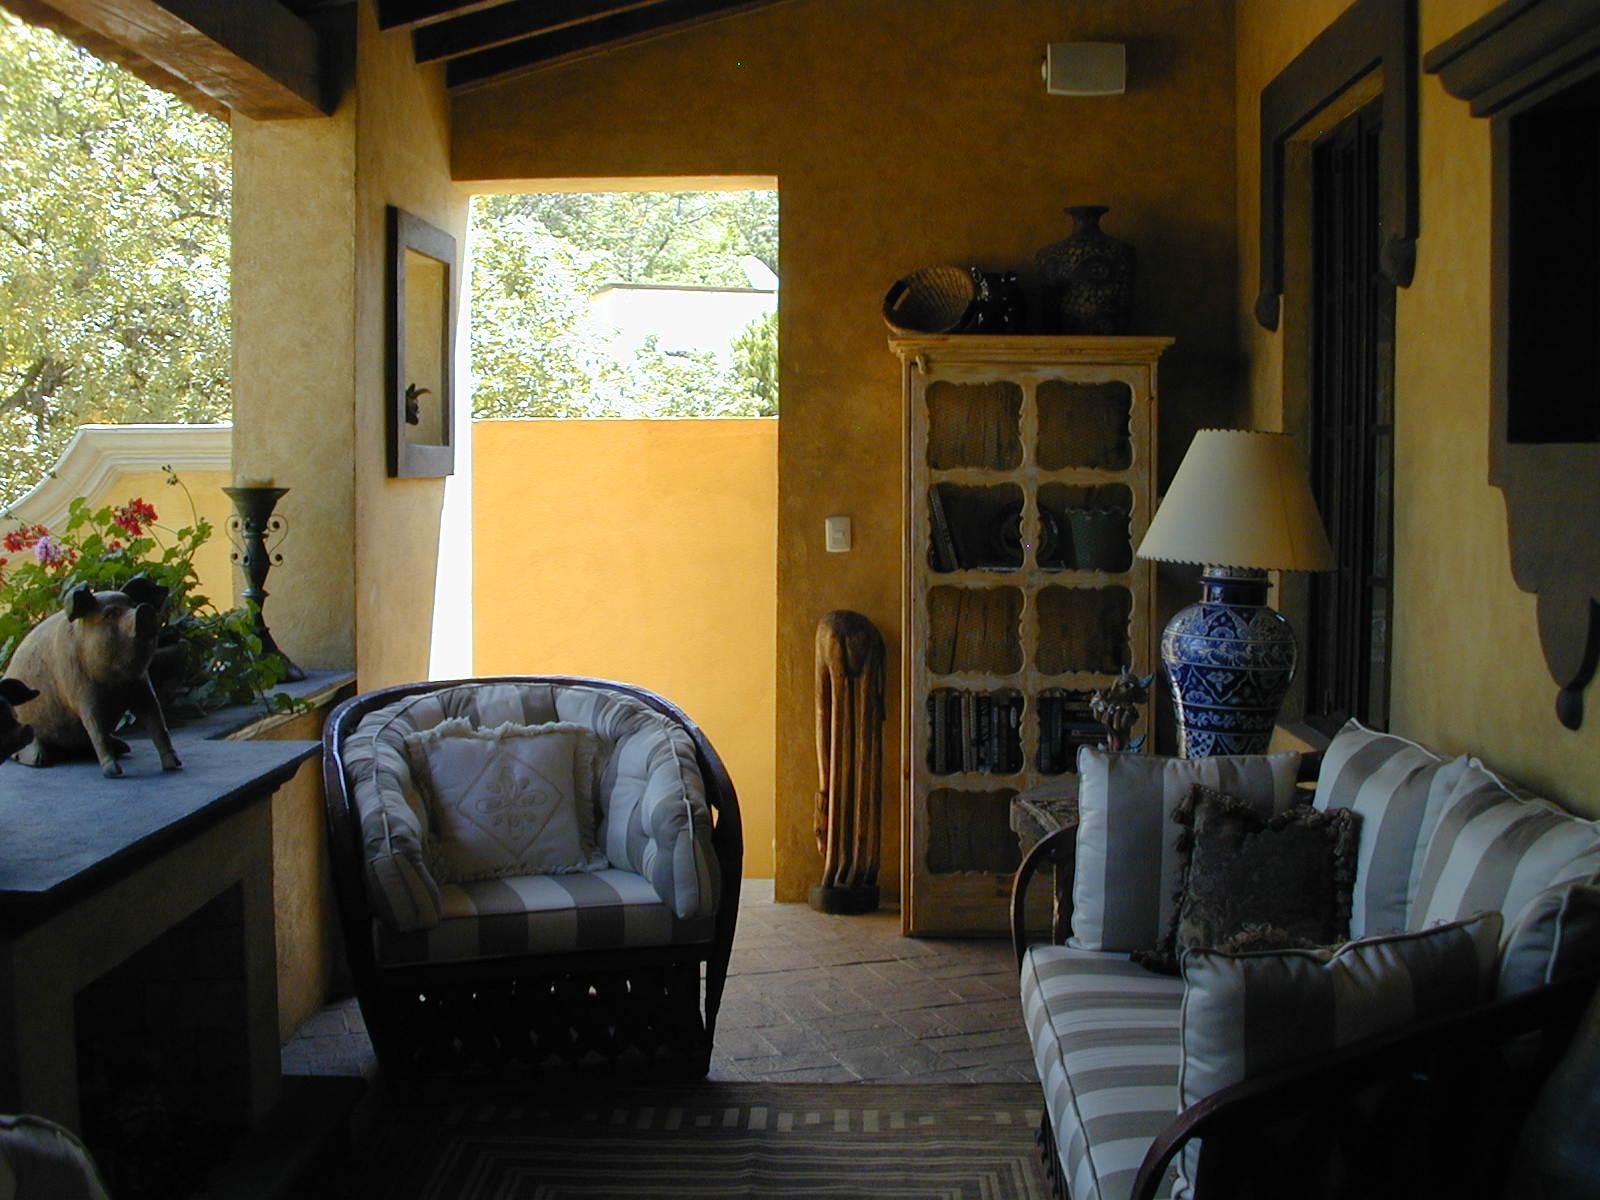 villaclarabella_26 master bdrm patio